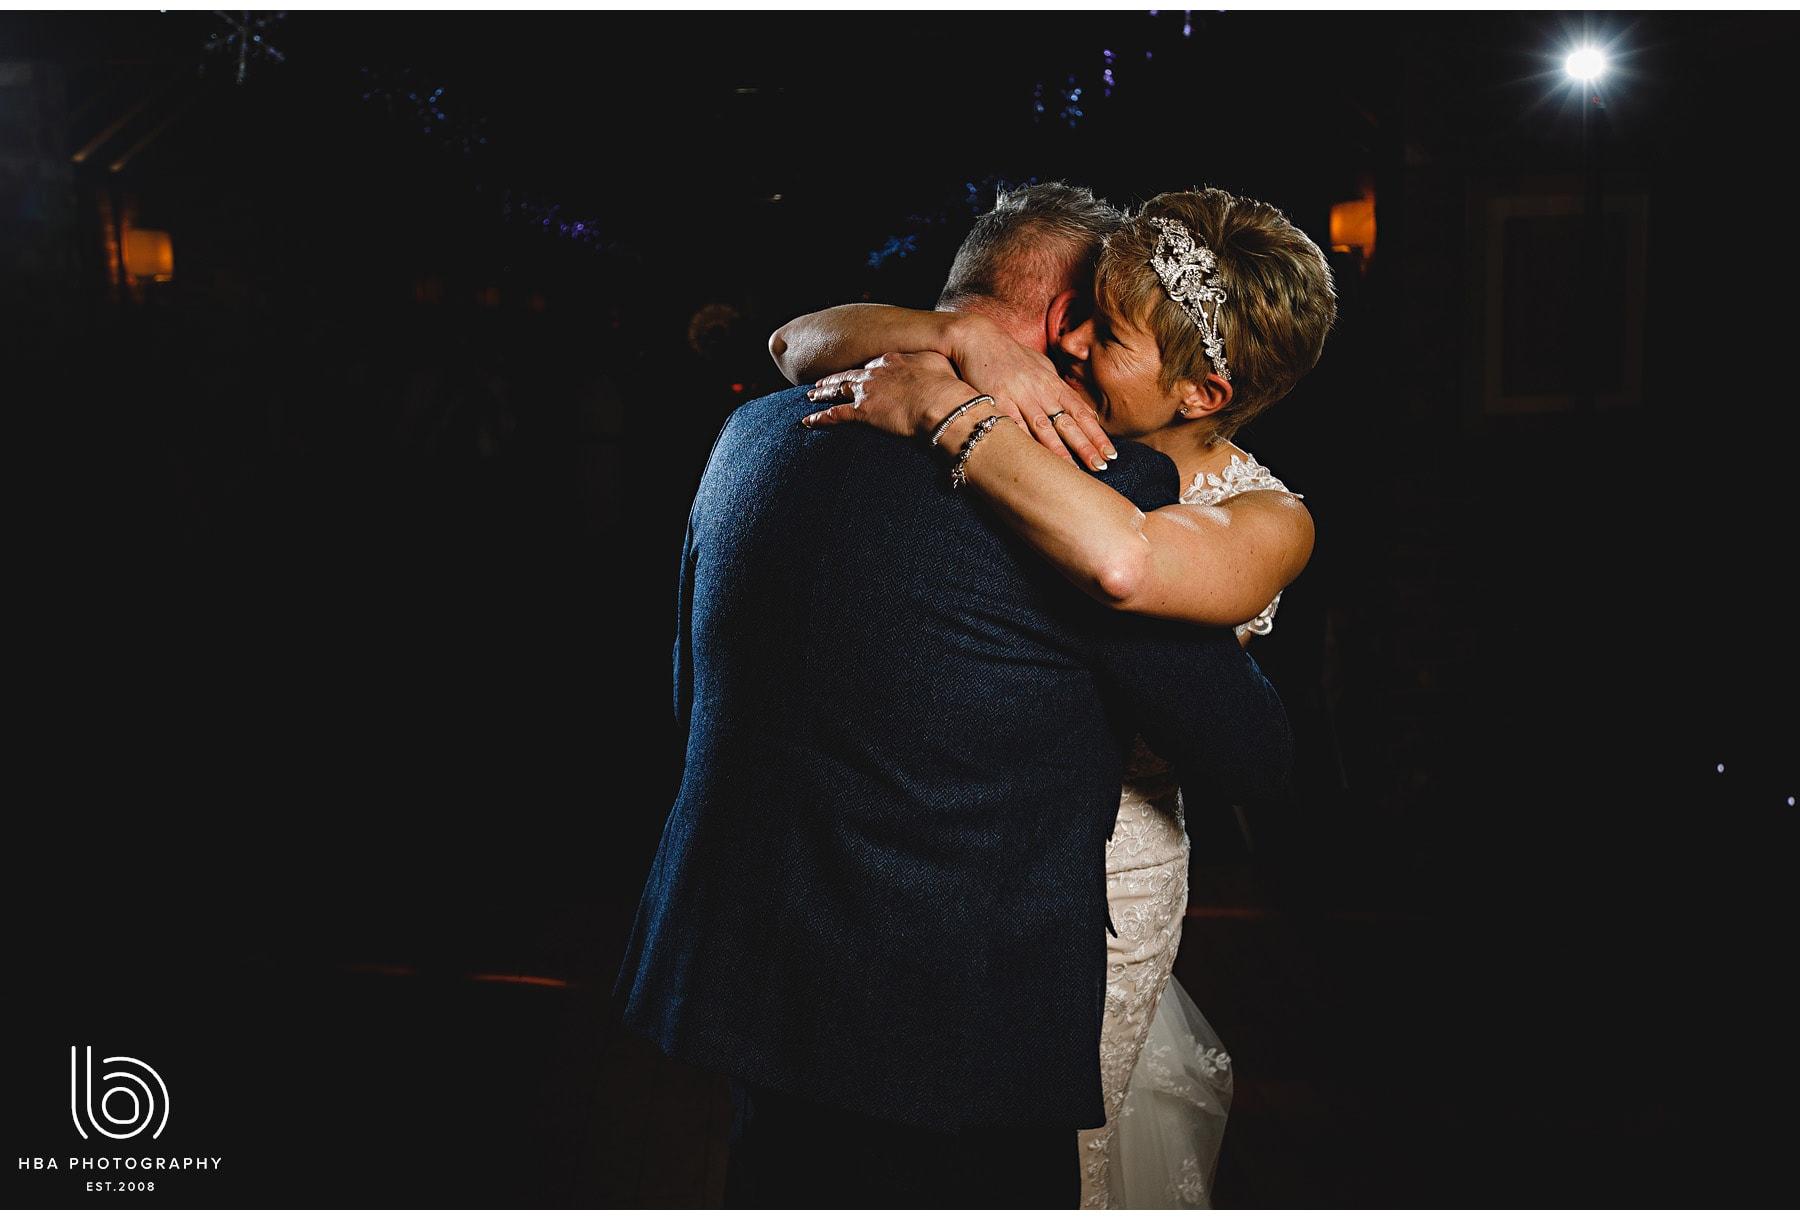 the bride & groom hugging